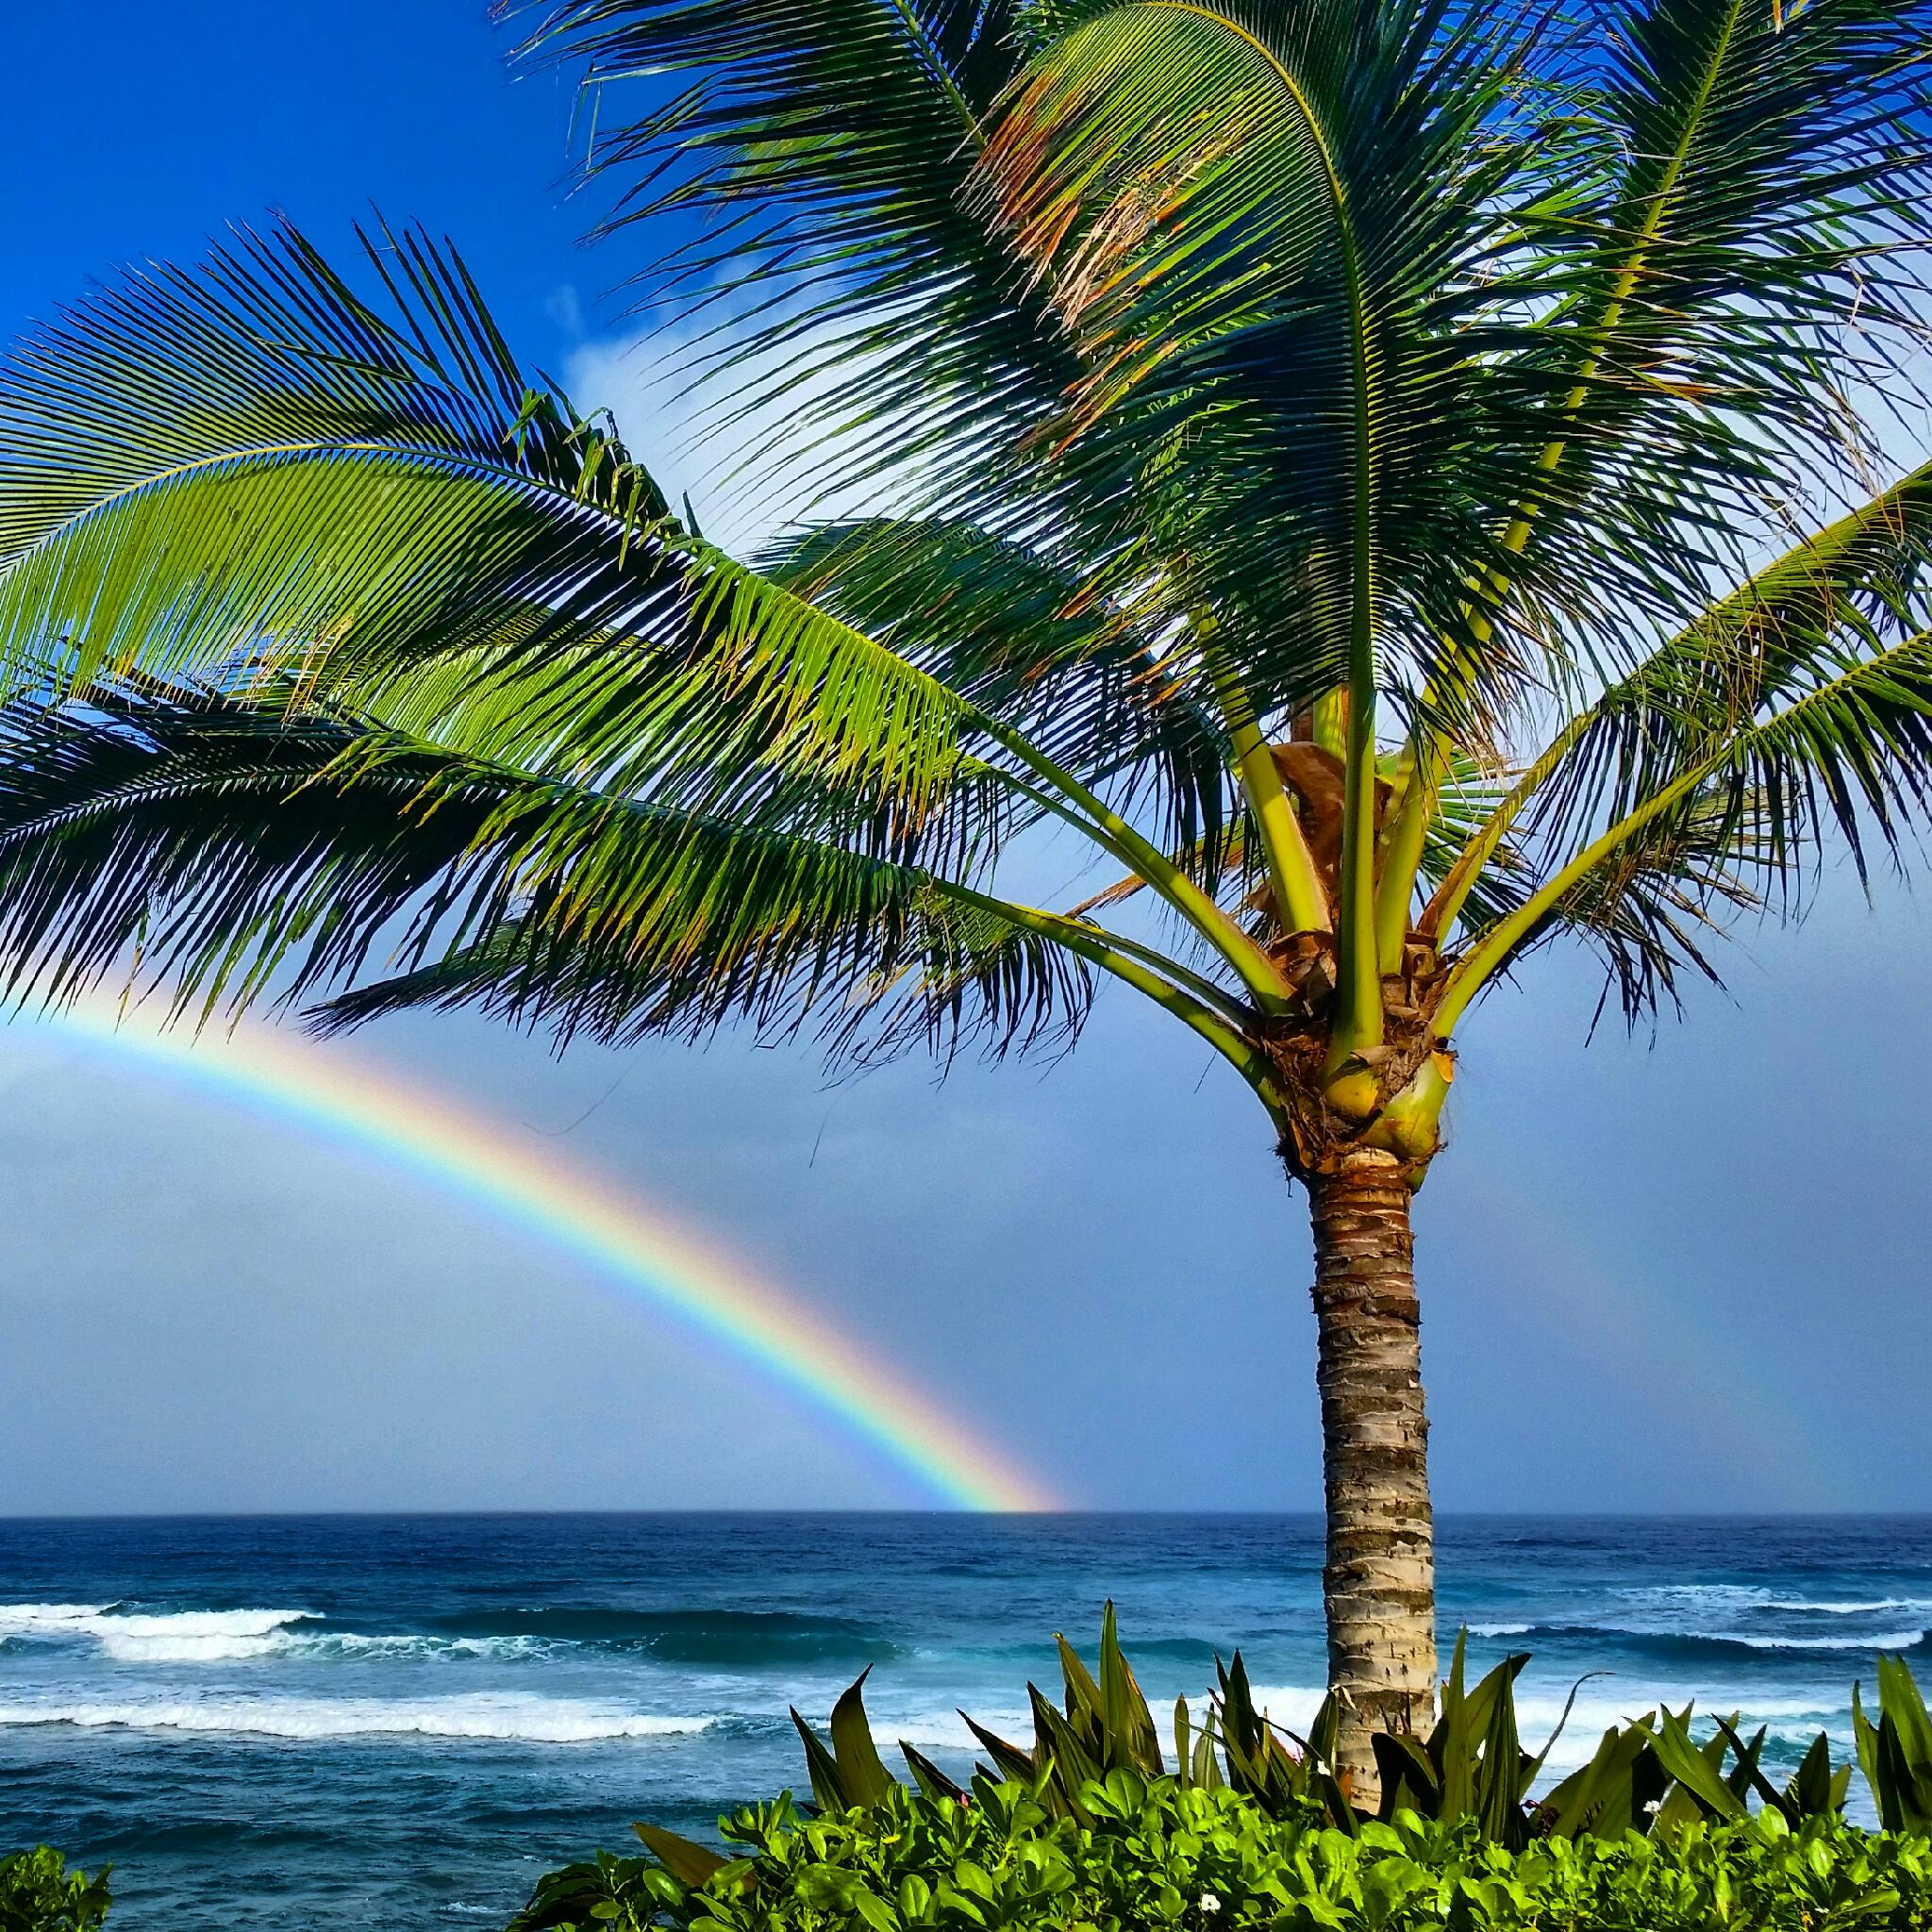 rainbow house oahu hawaii property